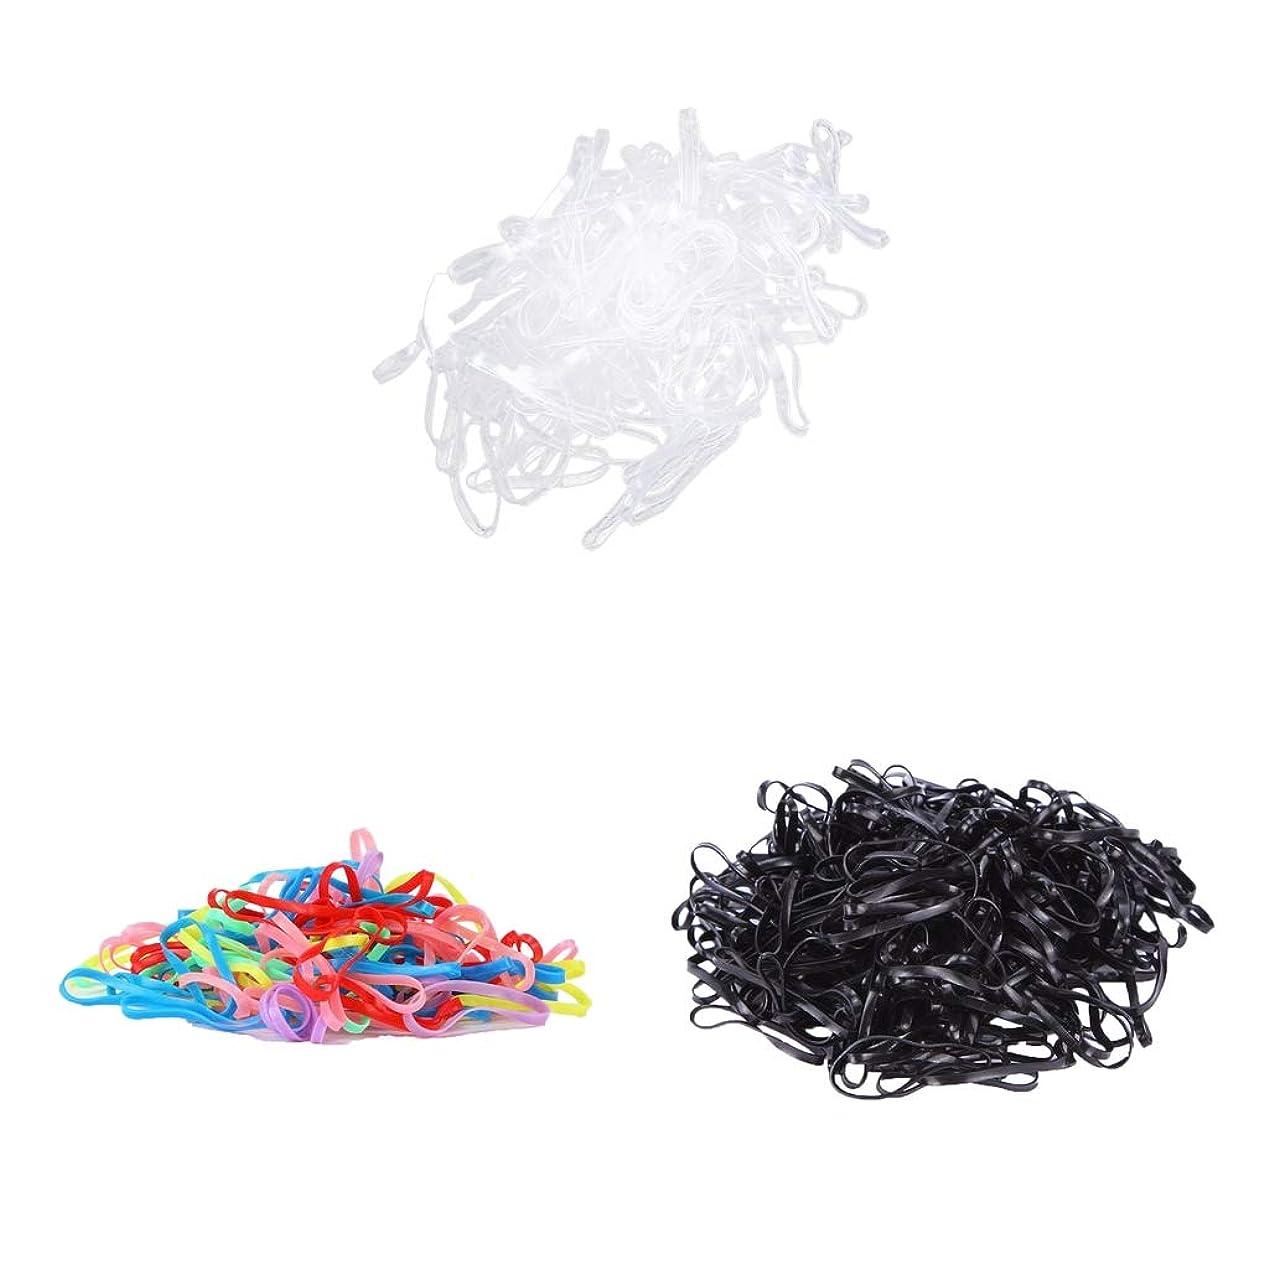 のぞき見原因明示的にB Blesiya ヘアゴム 約300本 弾性 ヘアスタイルツール お下げ 髪飾 髪留め ストロング 可愛い